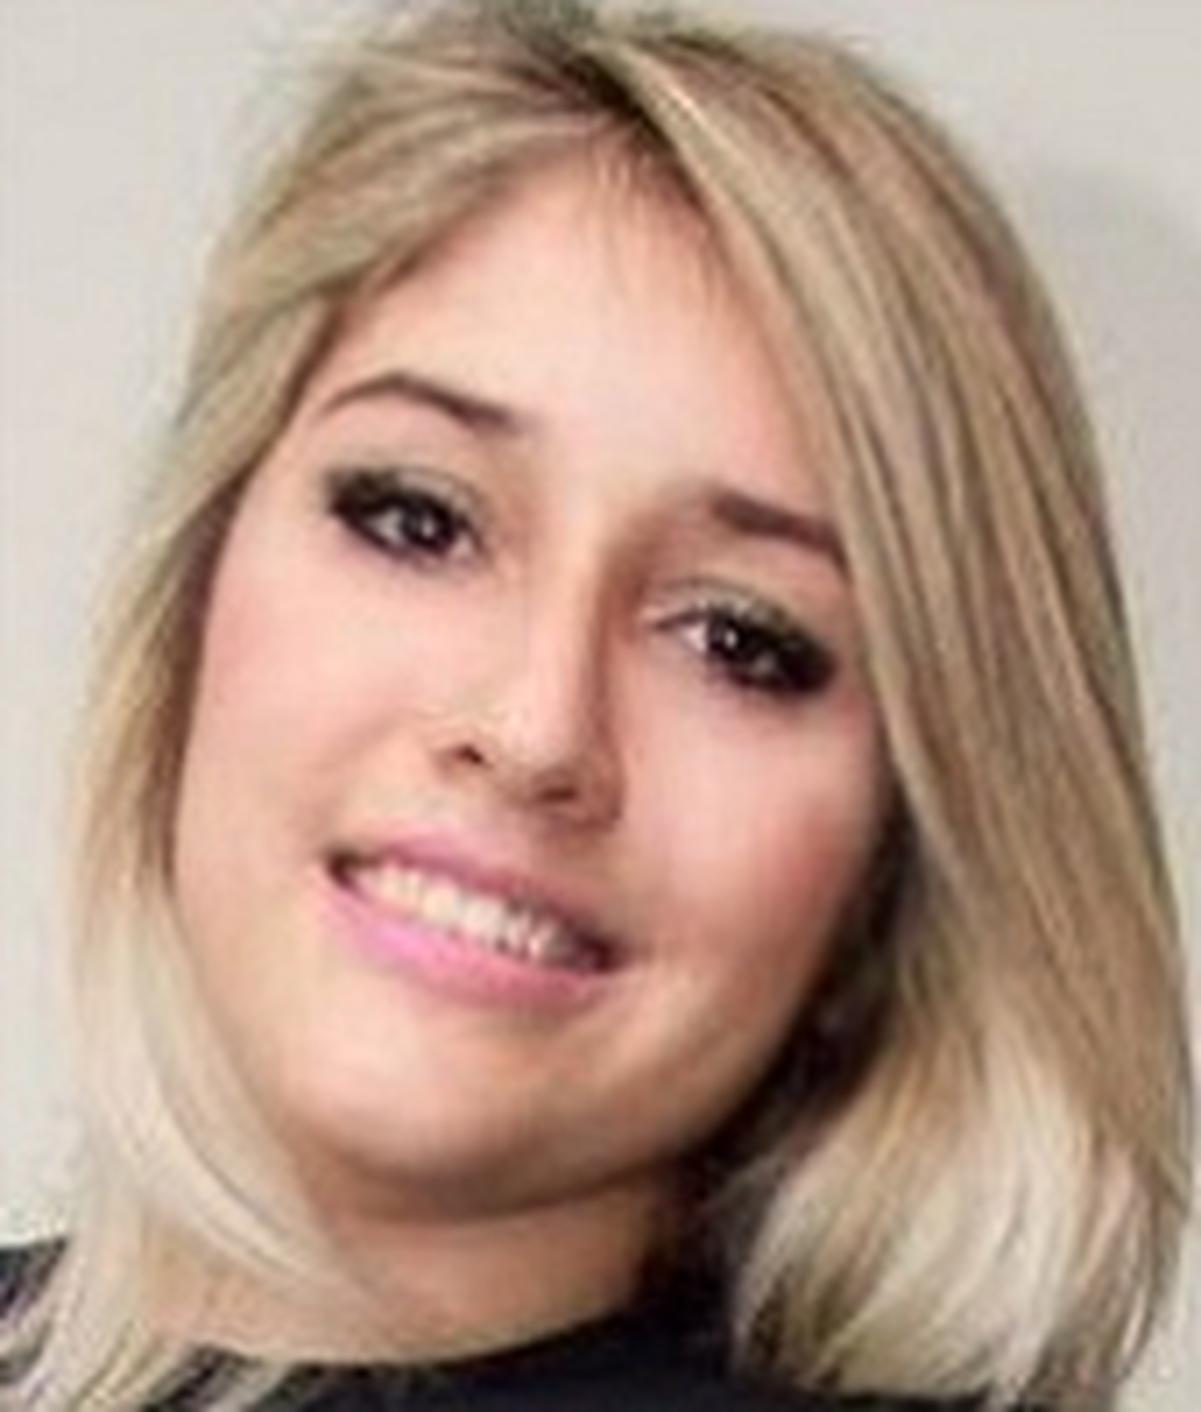 Bianca Araujo